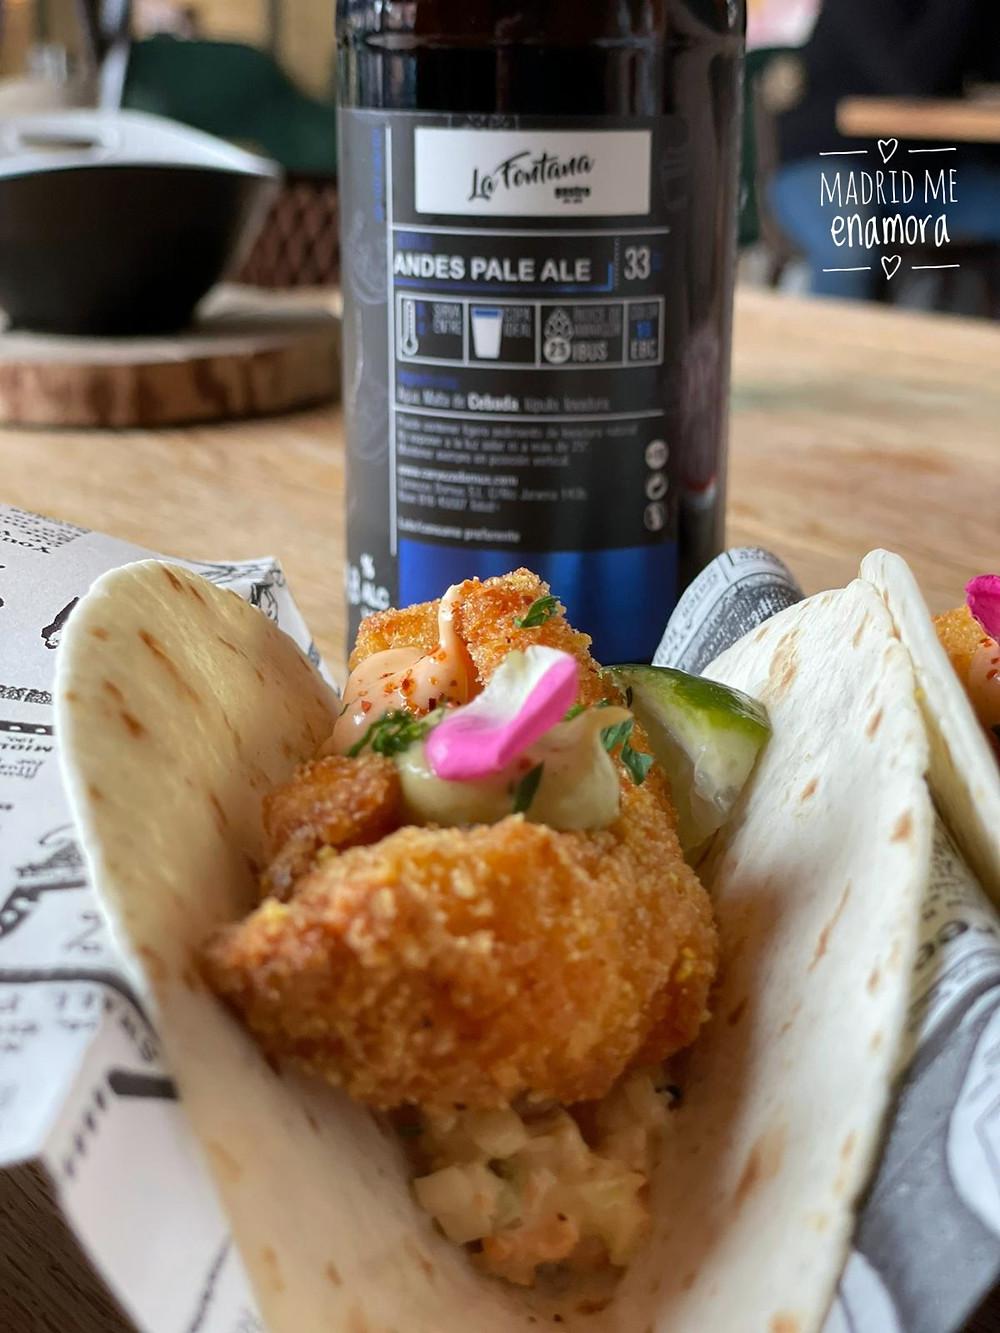 Tacos de langostinos crunch sobre mahonesa de chipotle y coleslaw de sriracha.